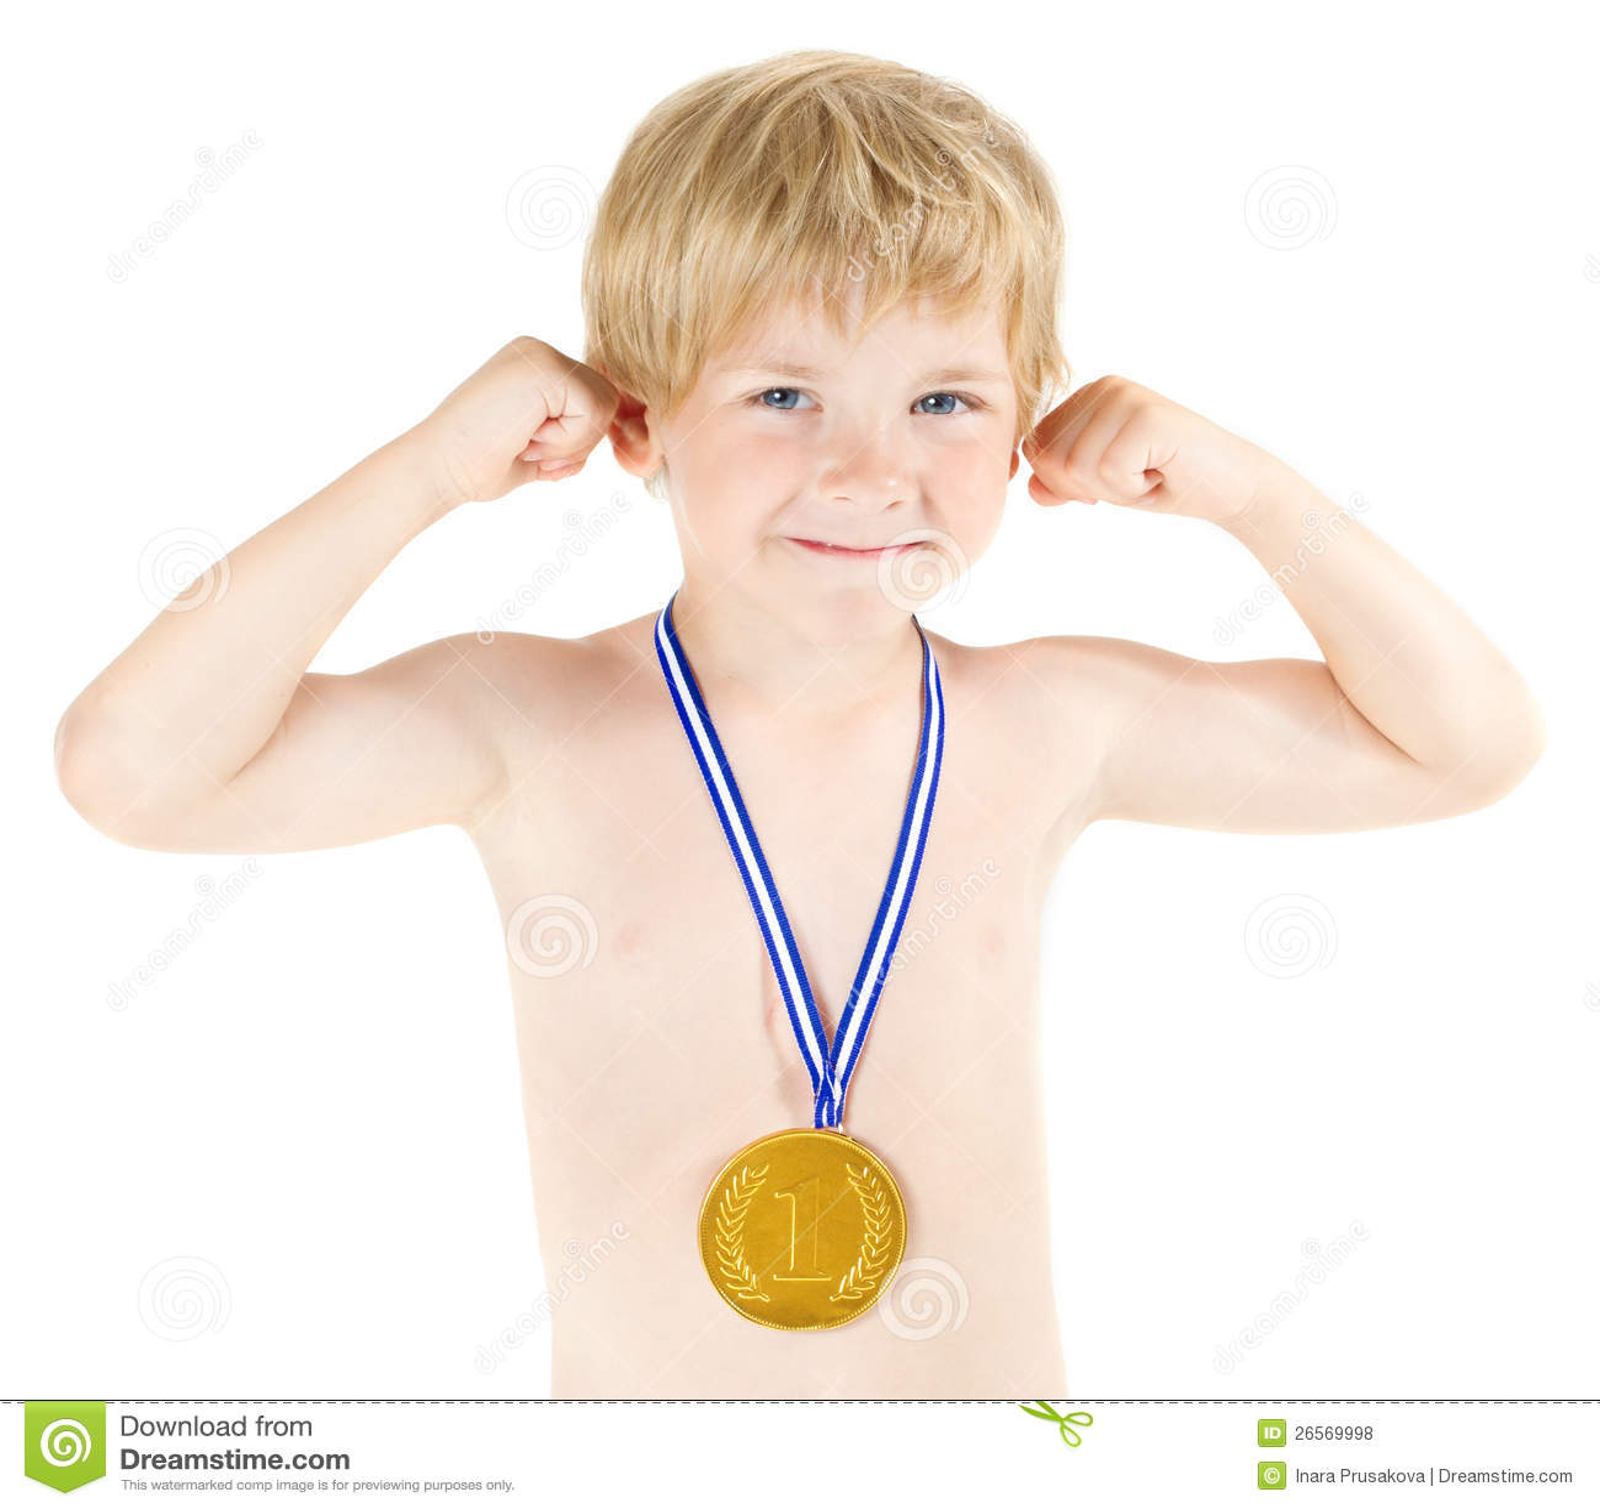 De kampioen van de jongen met gouden medaille. Omhoog opgeheven handen